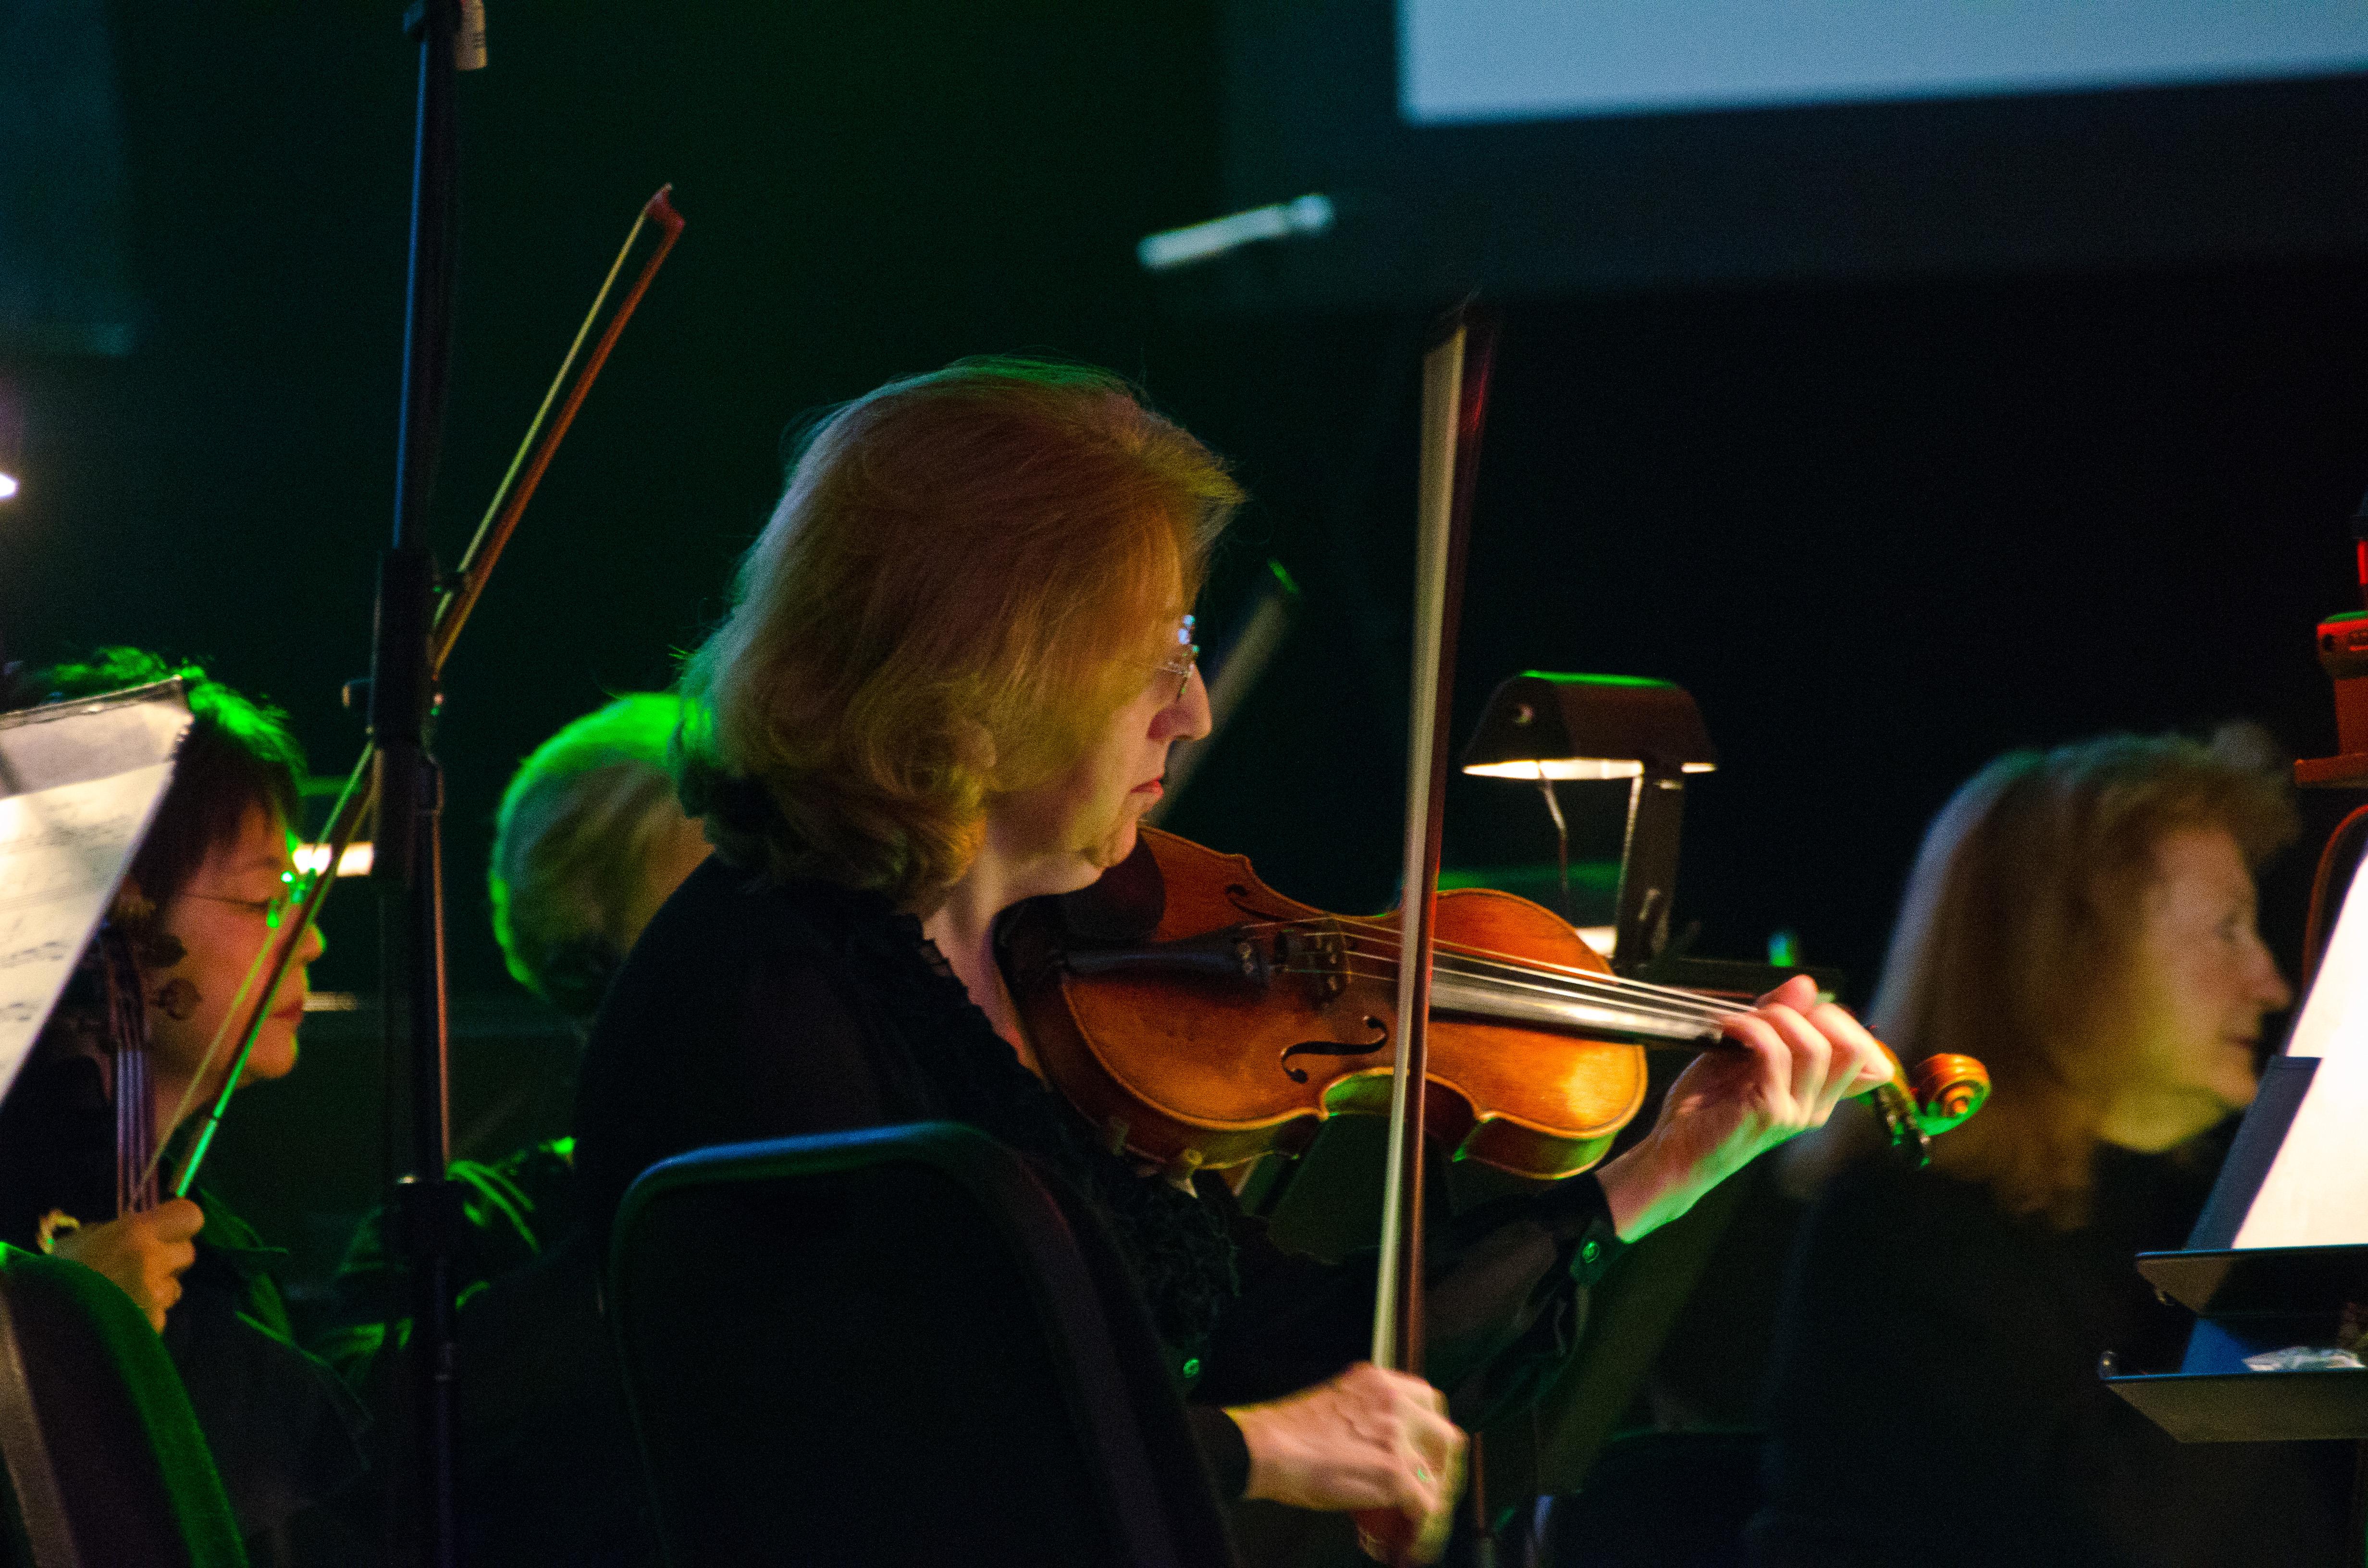 Video Games Concert DSC 0231 (5530492655).jpg DSC_0231 Date 26 February 2011, 13:58 Source DSC_0231 Author Warren In the Weeds